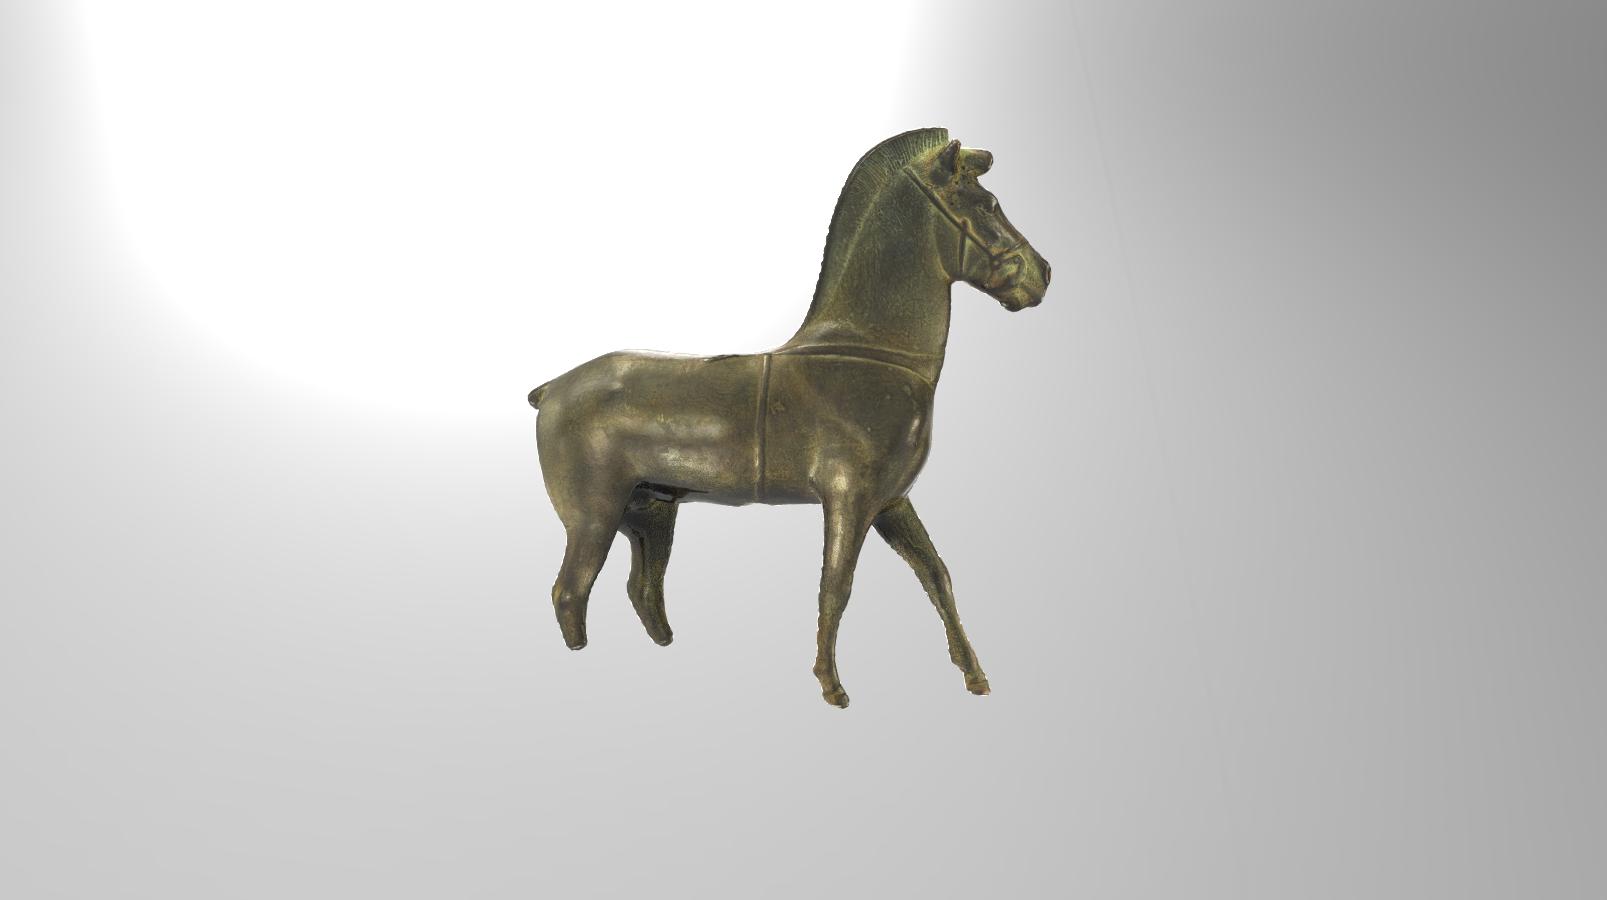 Historische Griechische Relikte als 3D-Modell auf Threeding ...